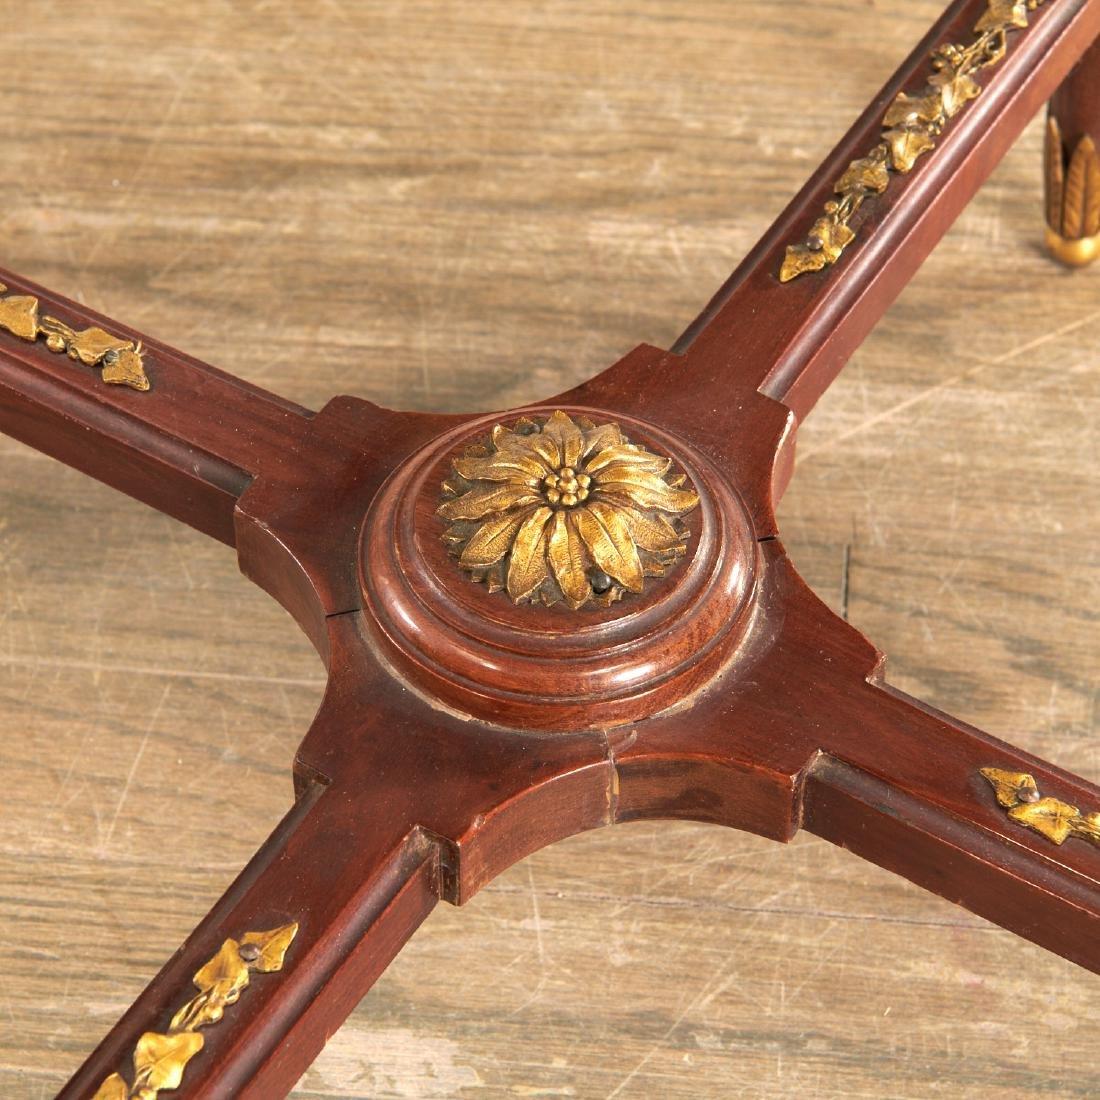 Louis XVI style mahogany marble top gueridon - 6